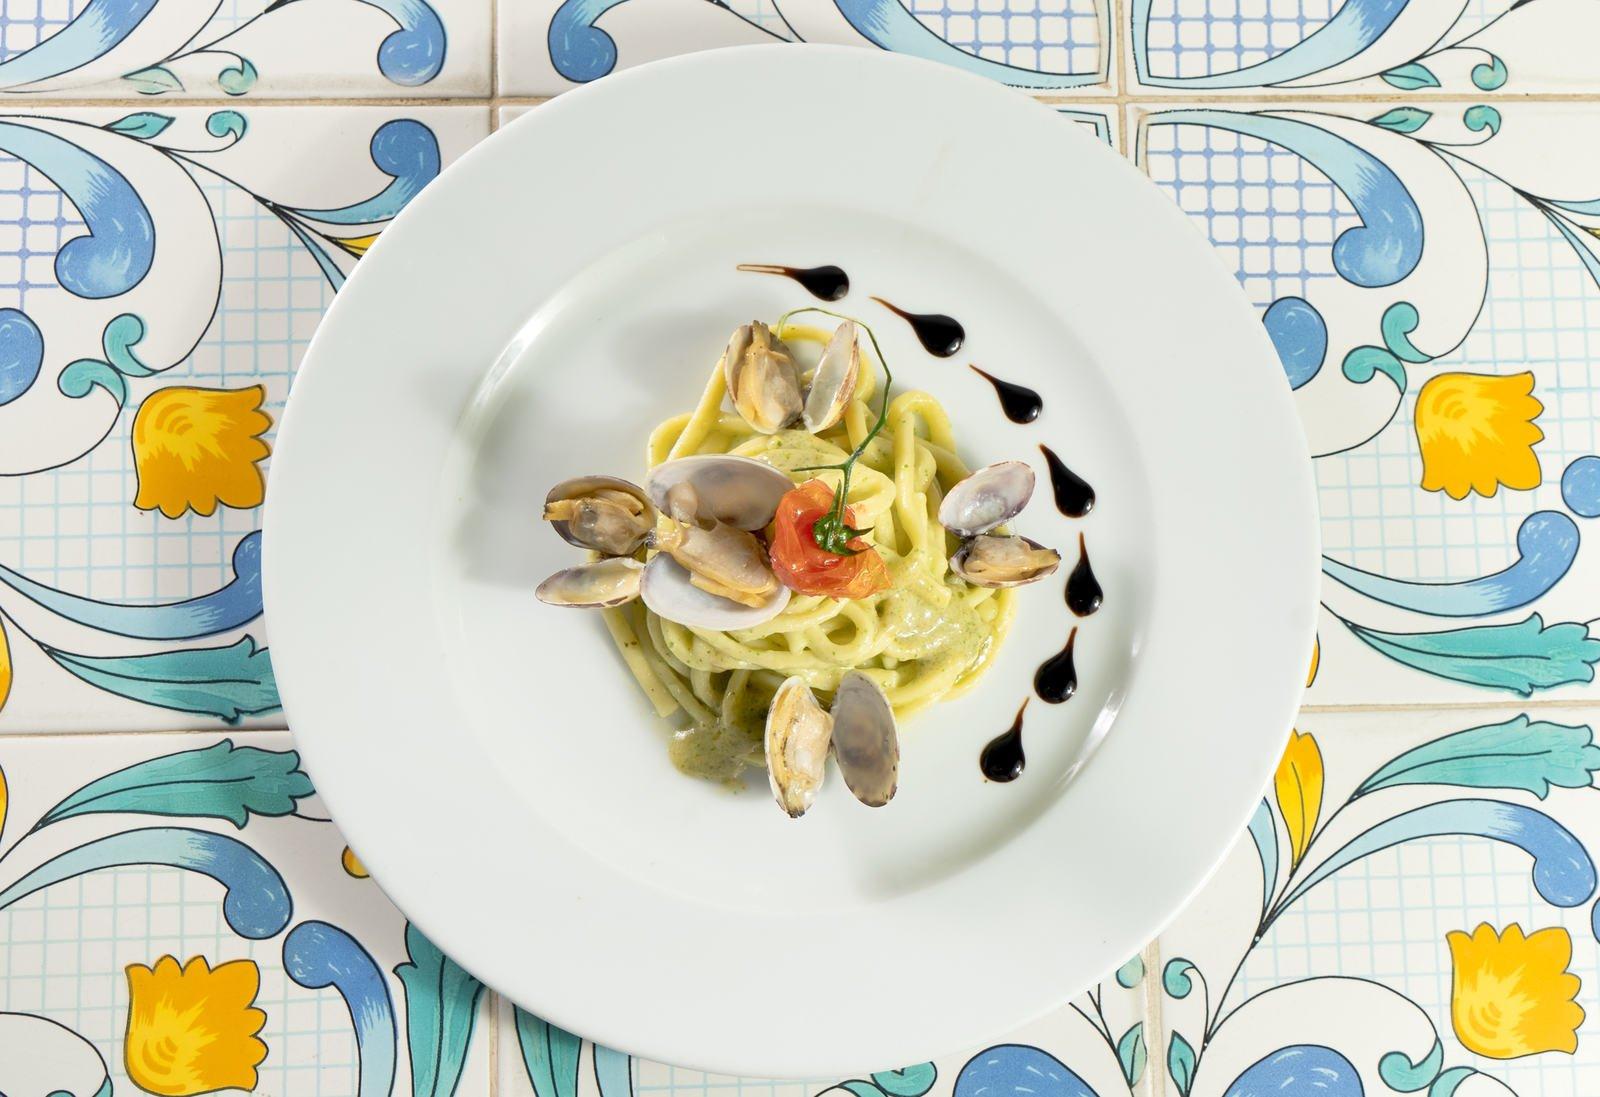 albergo-sanlorenzo_ristorante_album_01